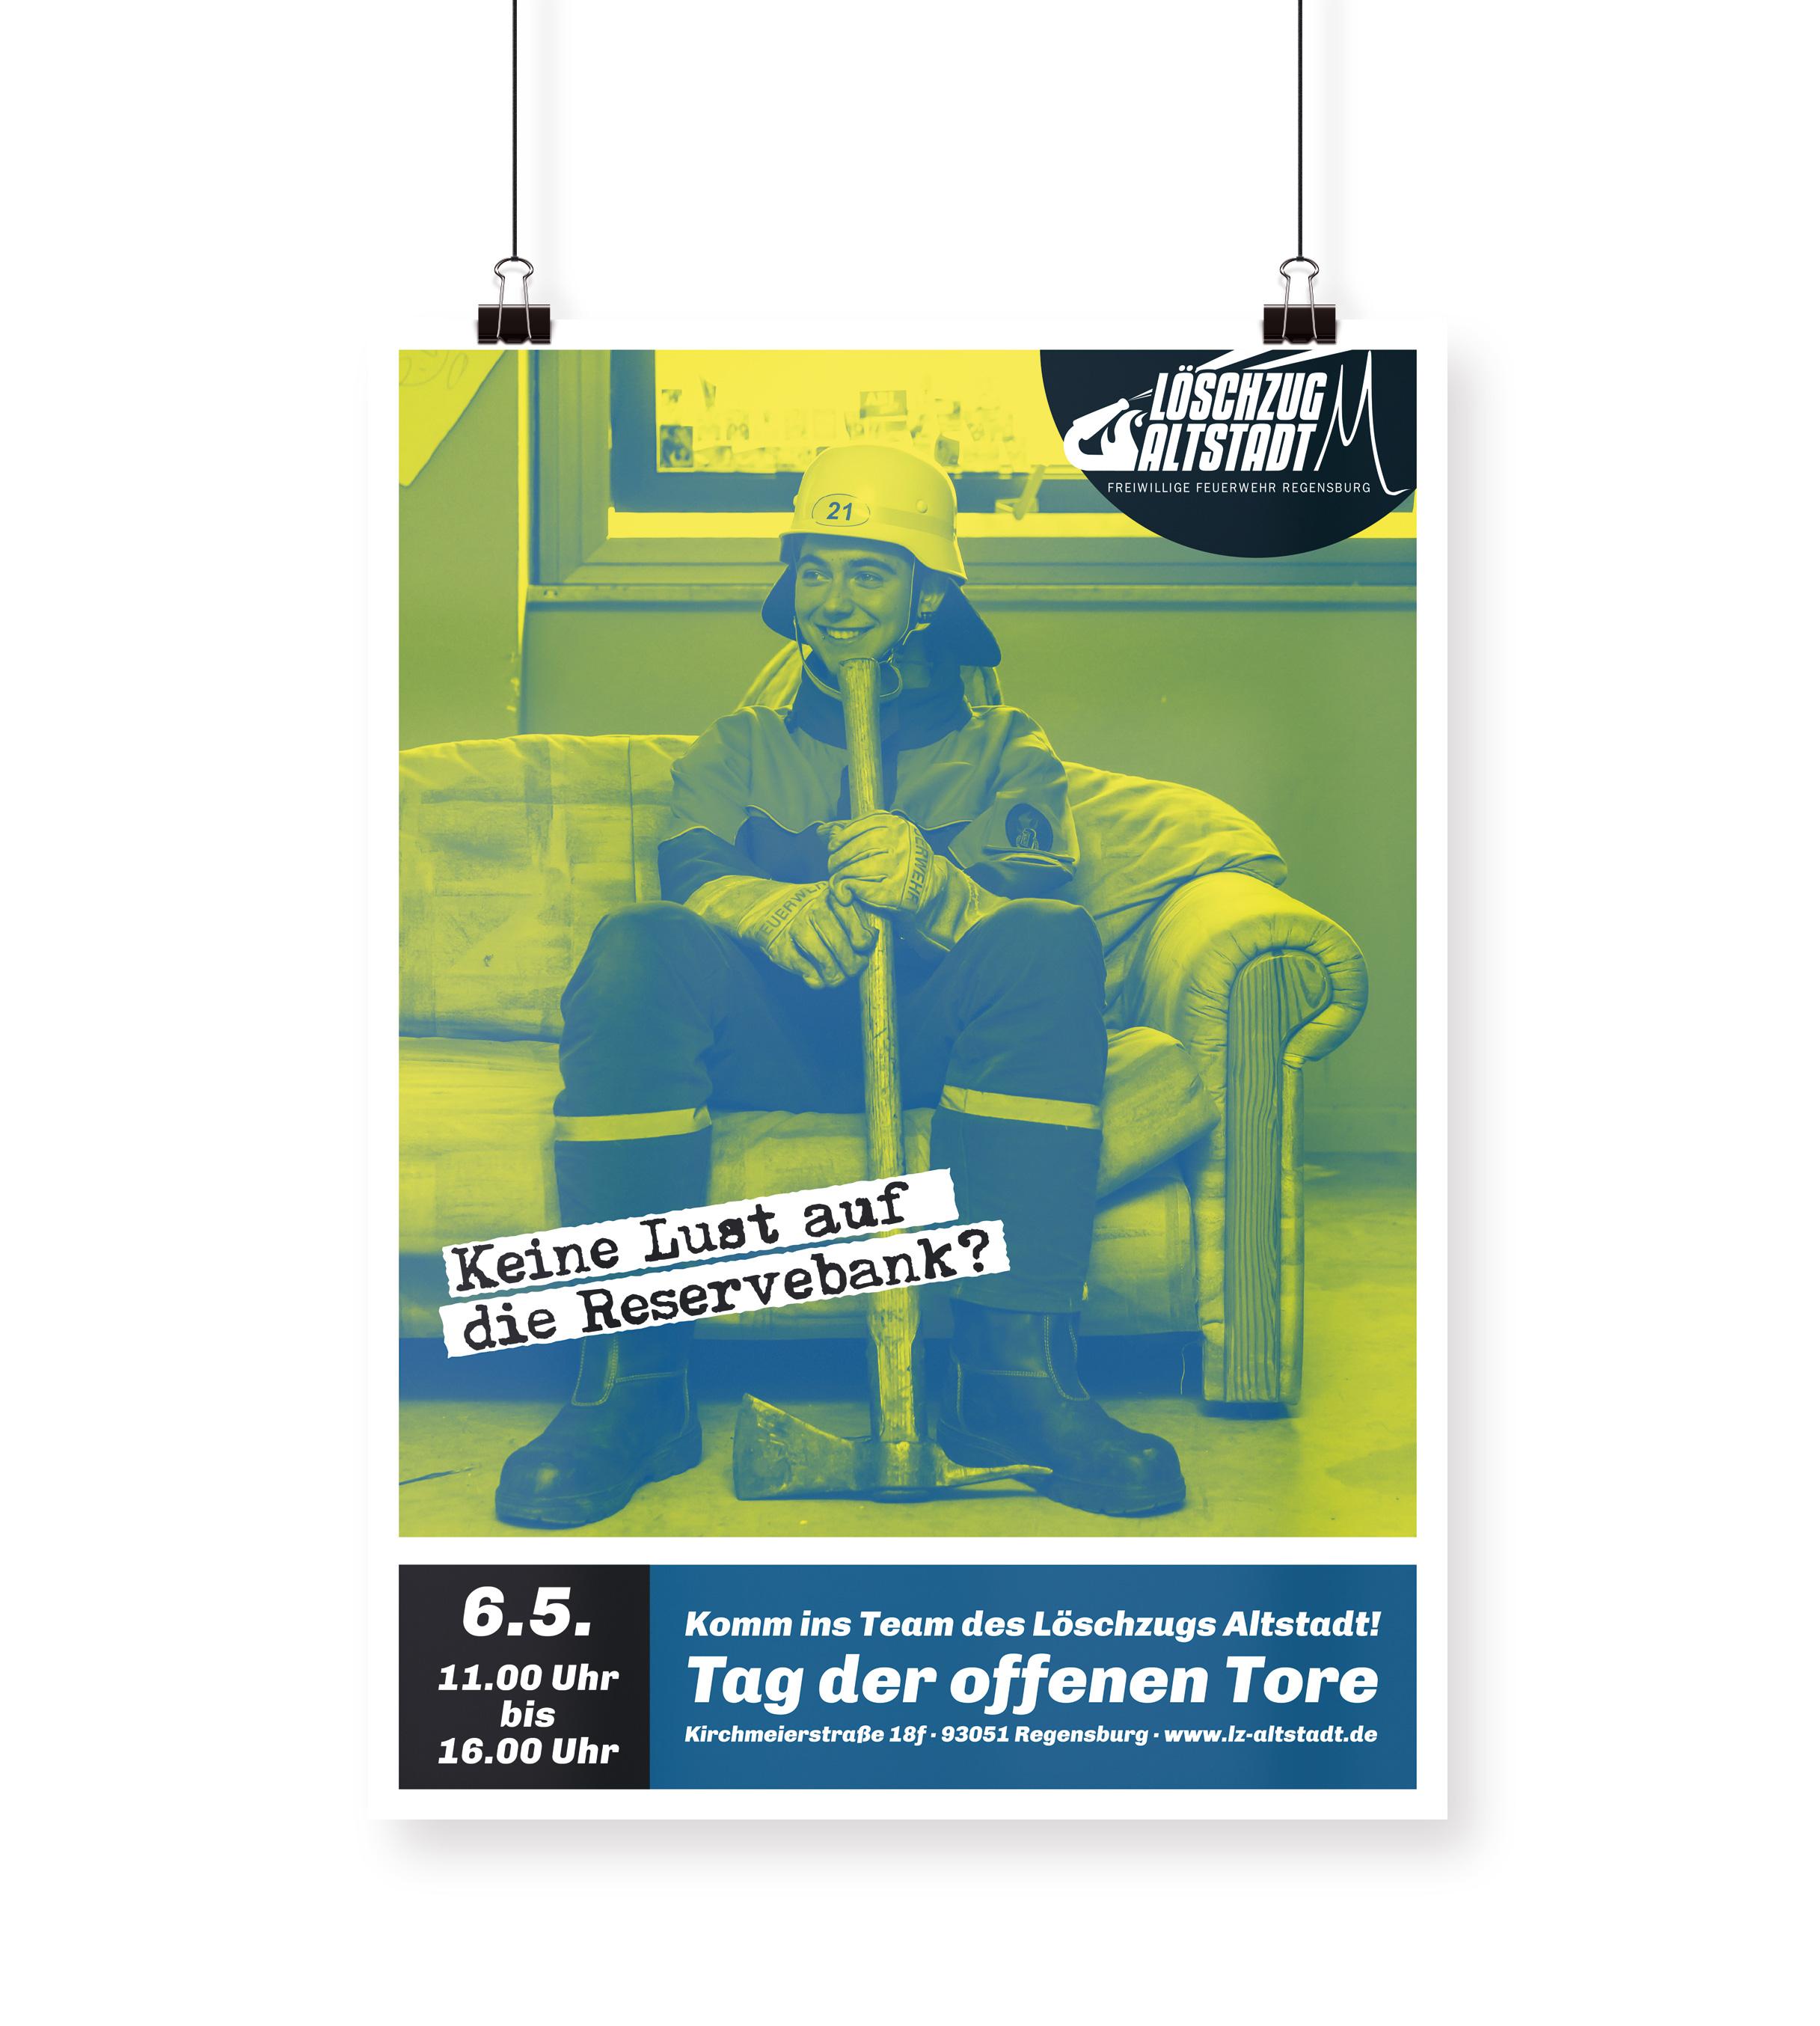 LZ_Altstadt_Poster_gruen